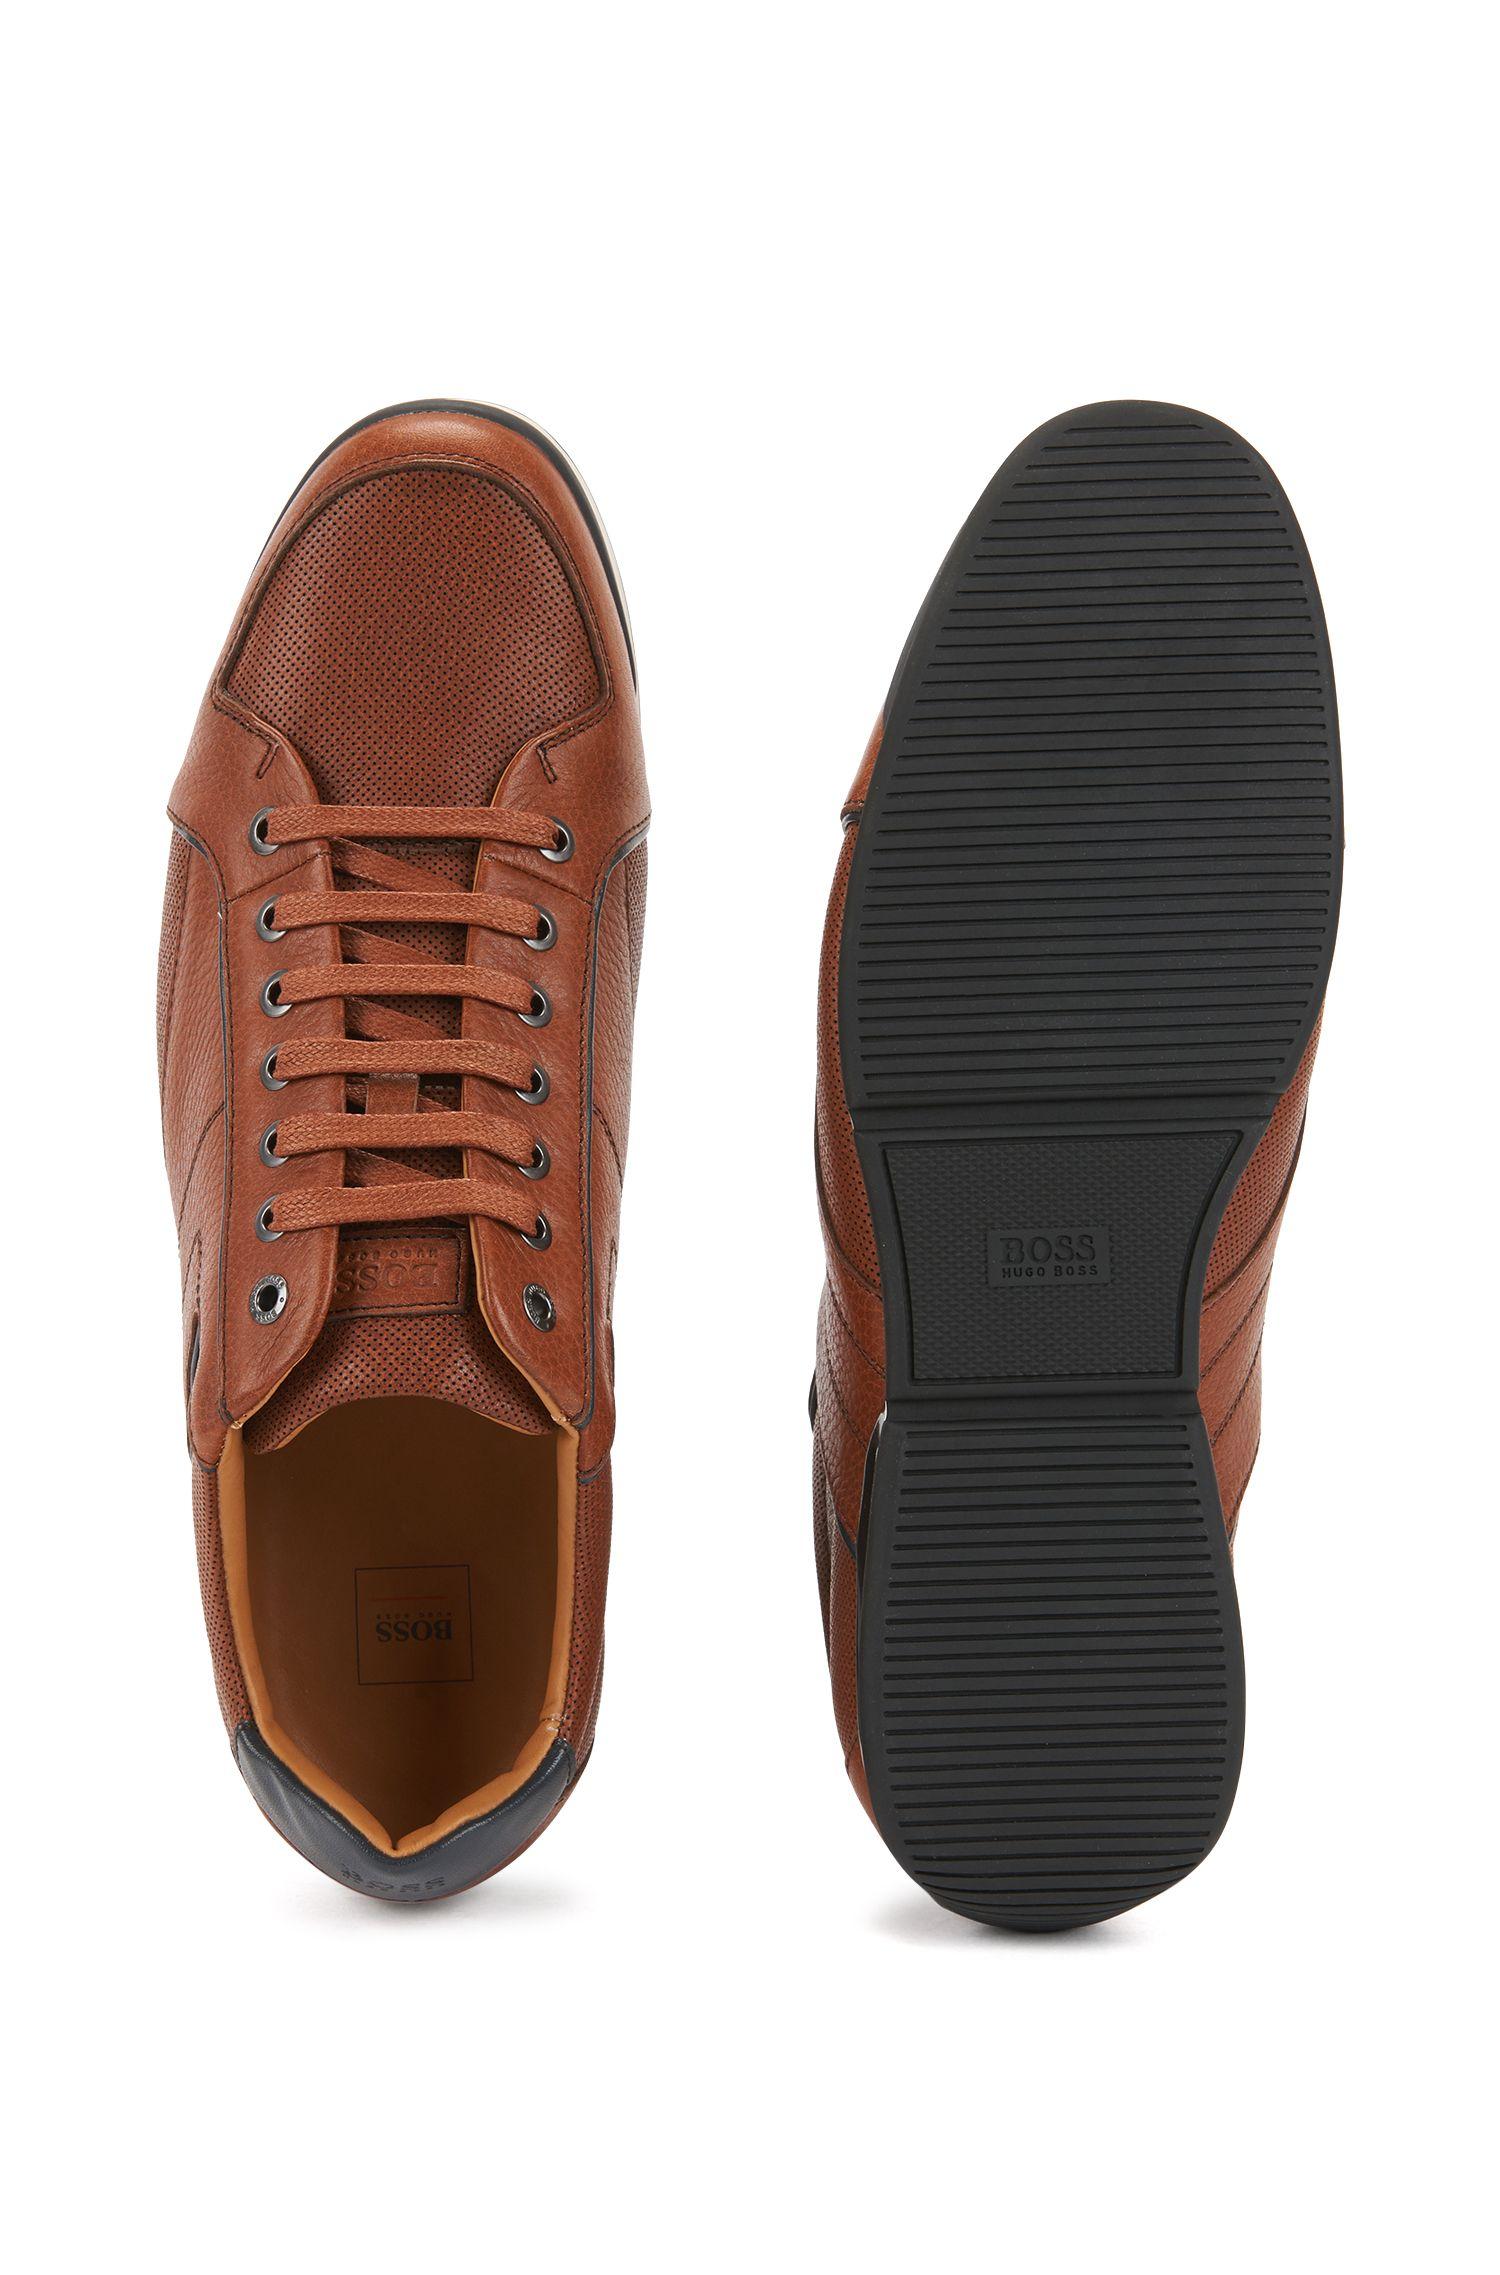 Baskets basses en cuir foulonné avec détails contrastés